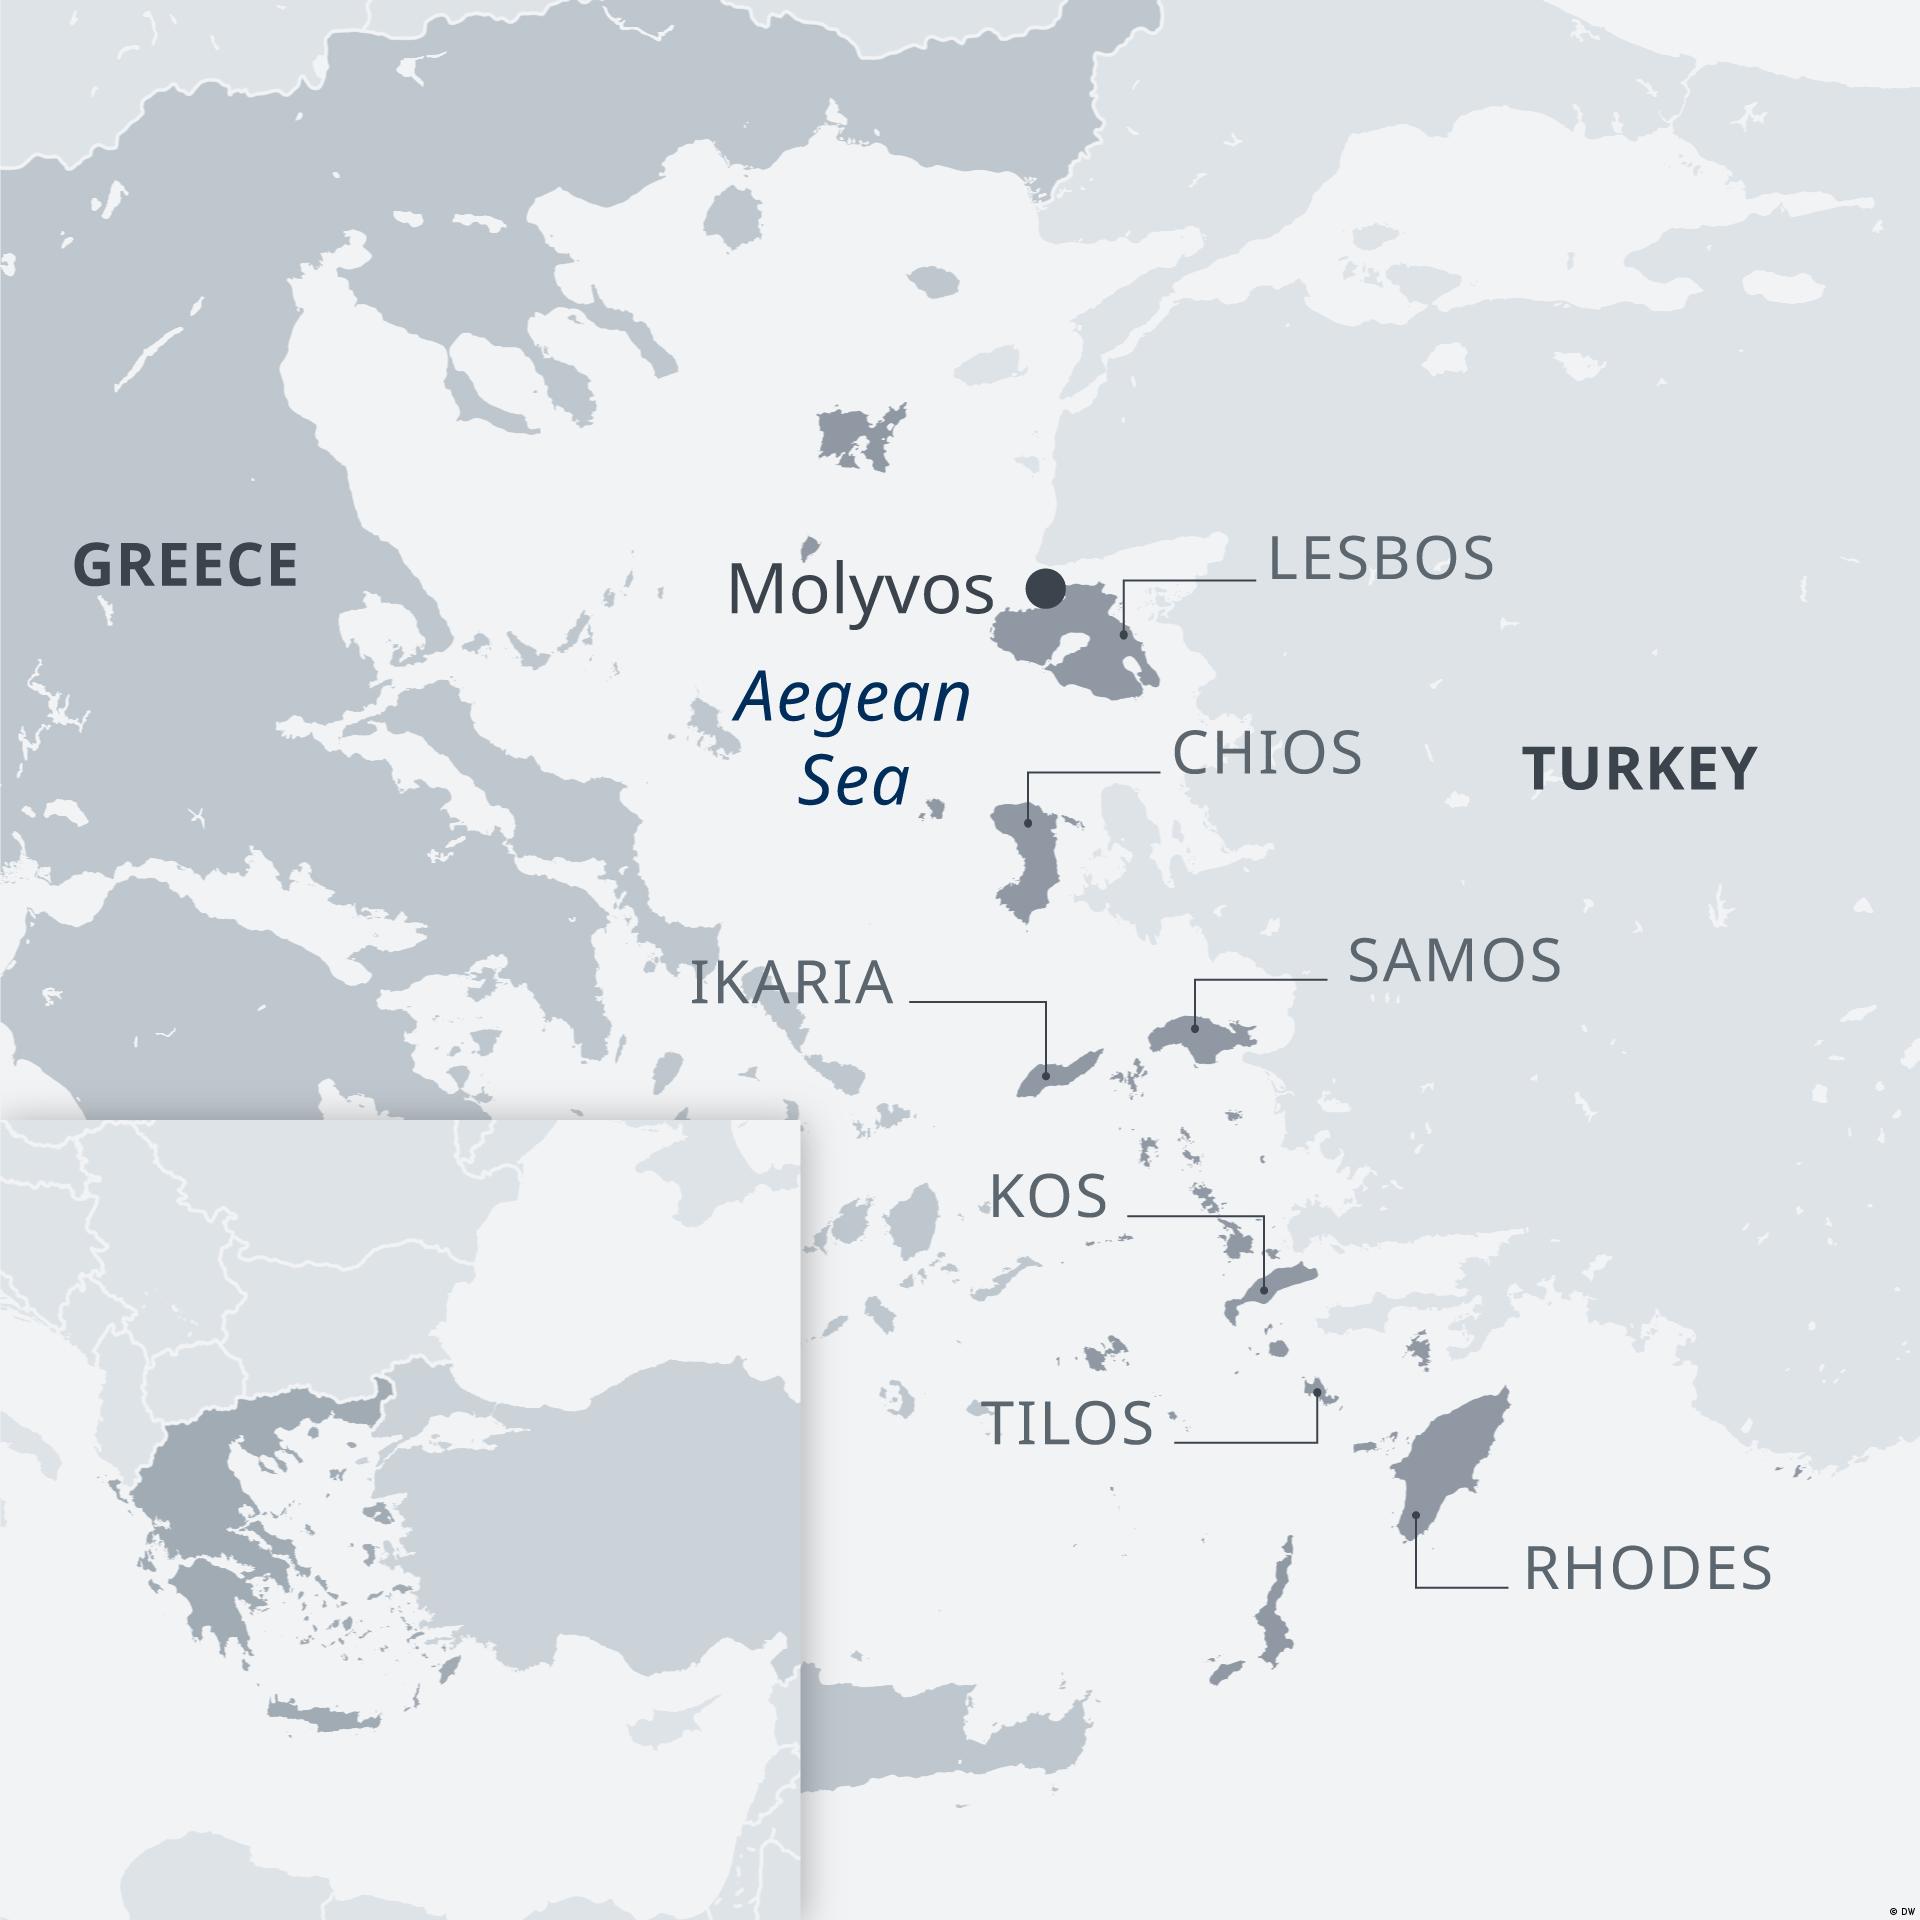 Samos, o insulă grecească în dreptul coastei turceşti